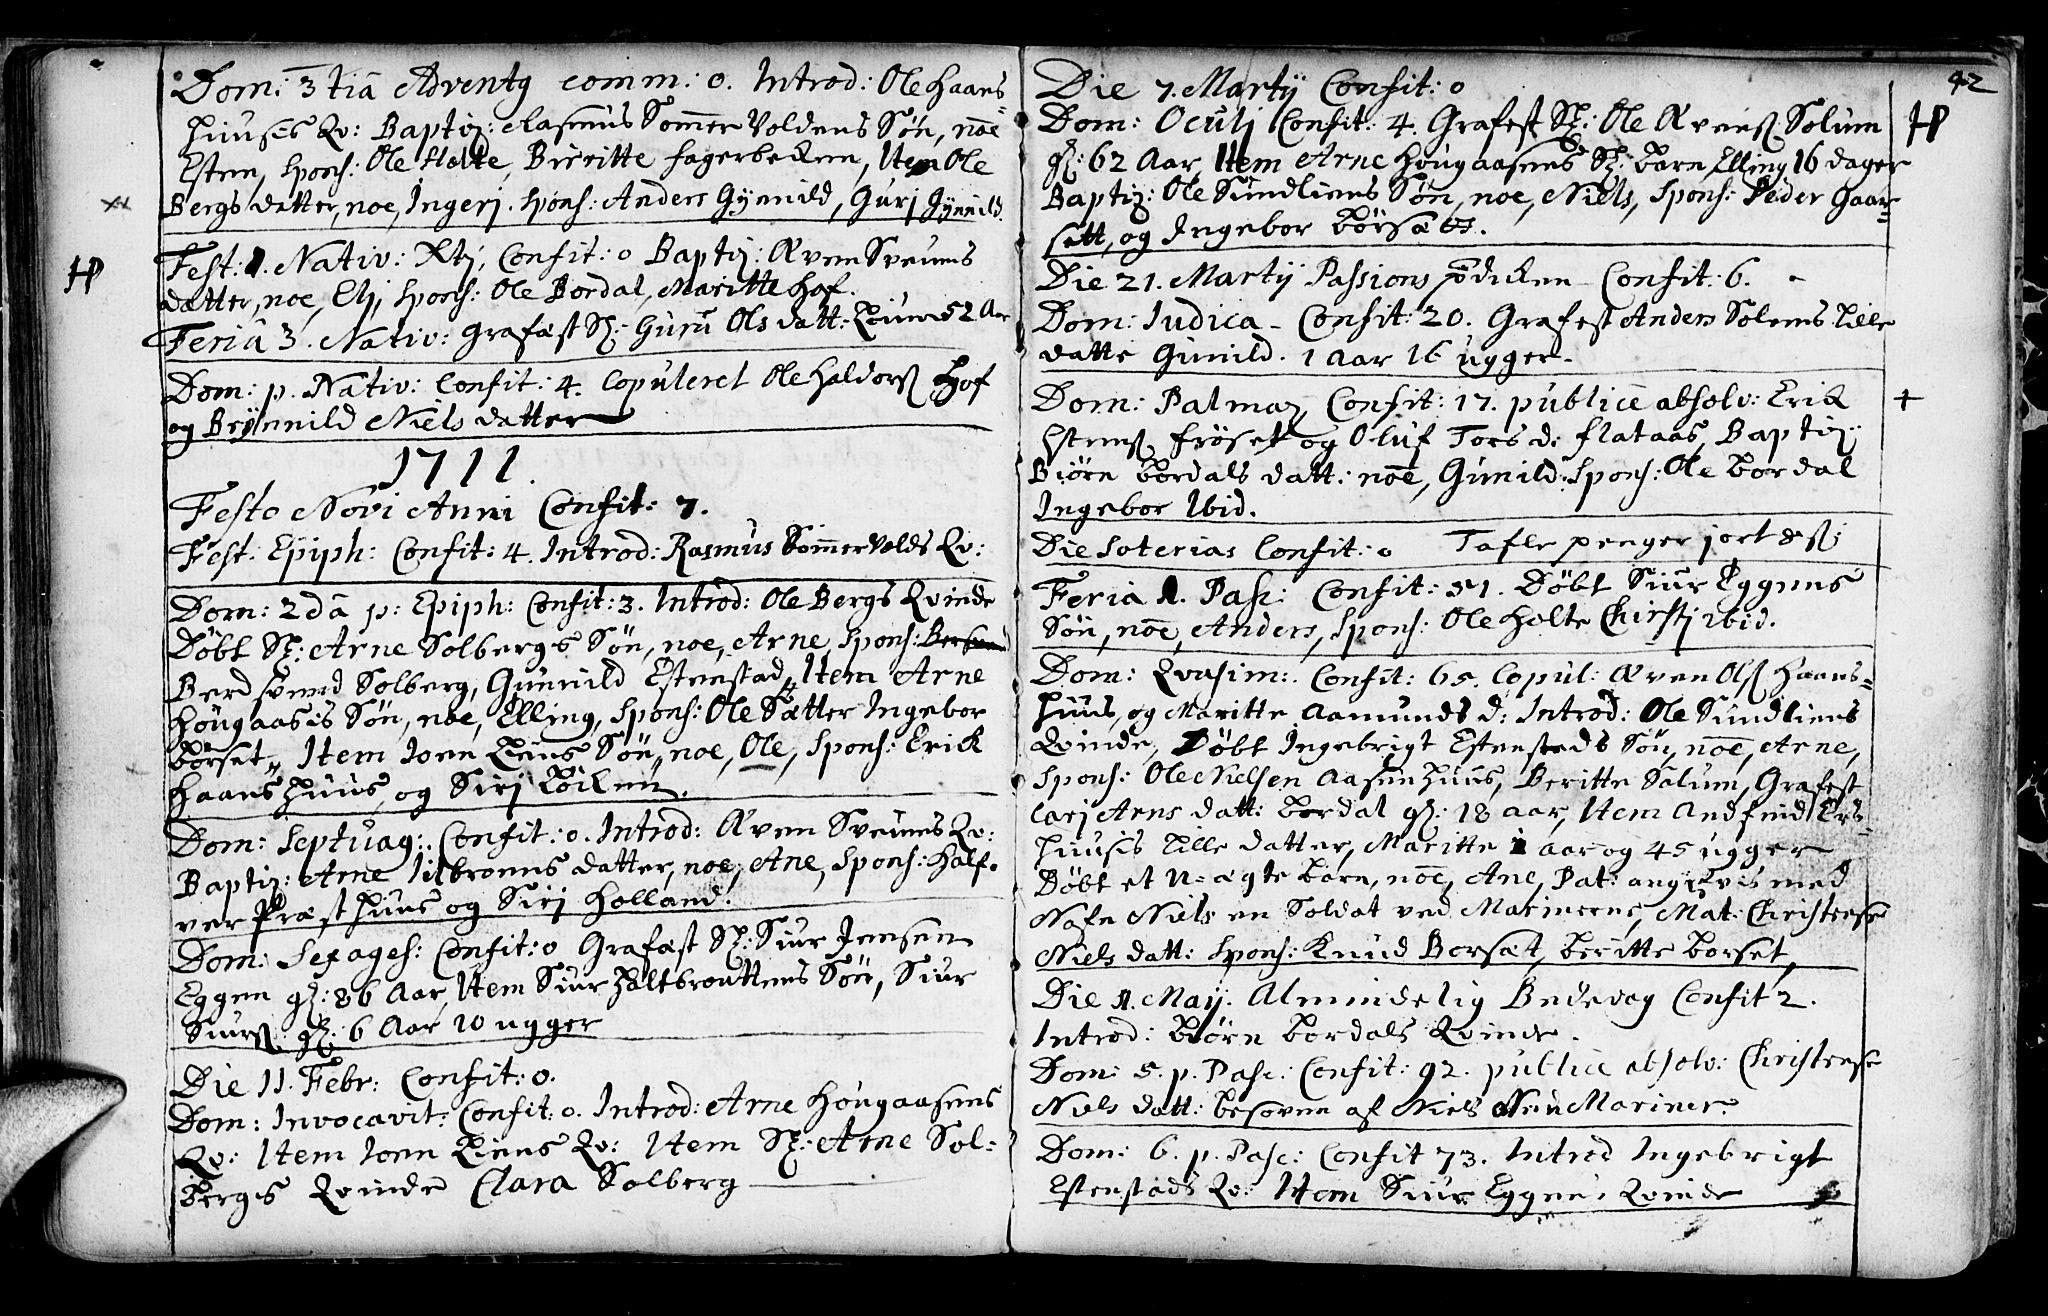 SAT, Ministerialprotokoller, klokkerbøker og fødselsregistre - Sør-Trøndelag, 689/L1036: Ministerialbok nr. 689A01, 1696-1746, s. 42